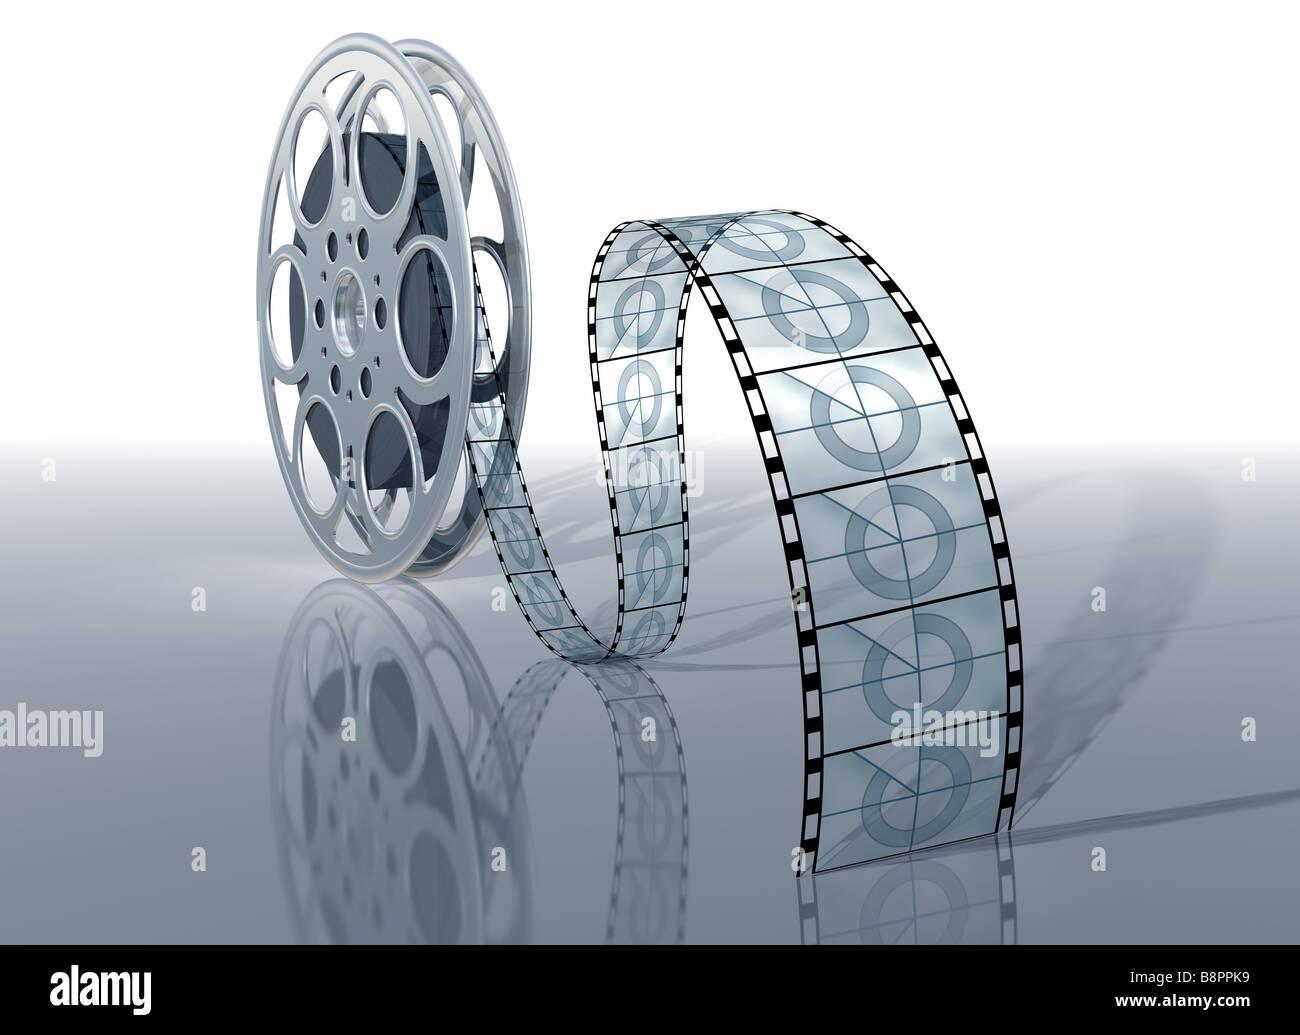 Illustration d'une bobine de film et film sur une surface brillante Photo Stock